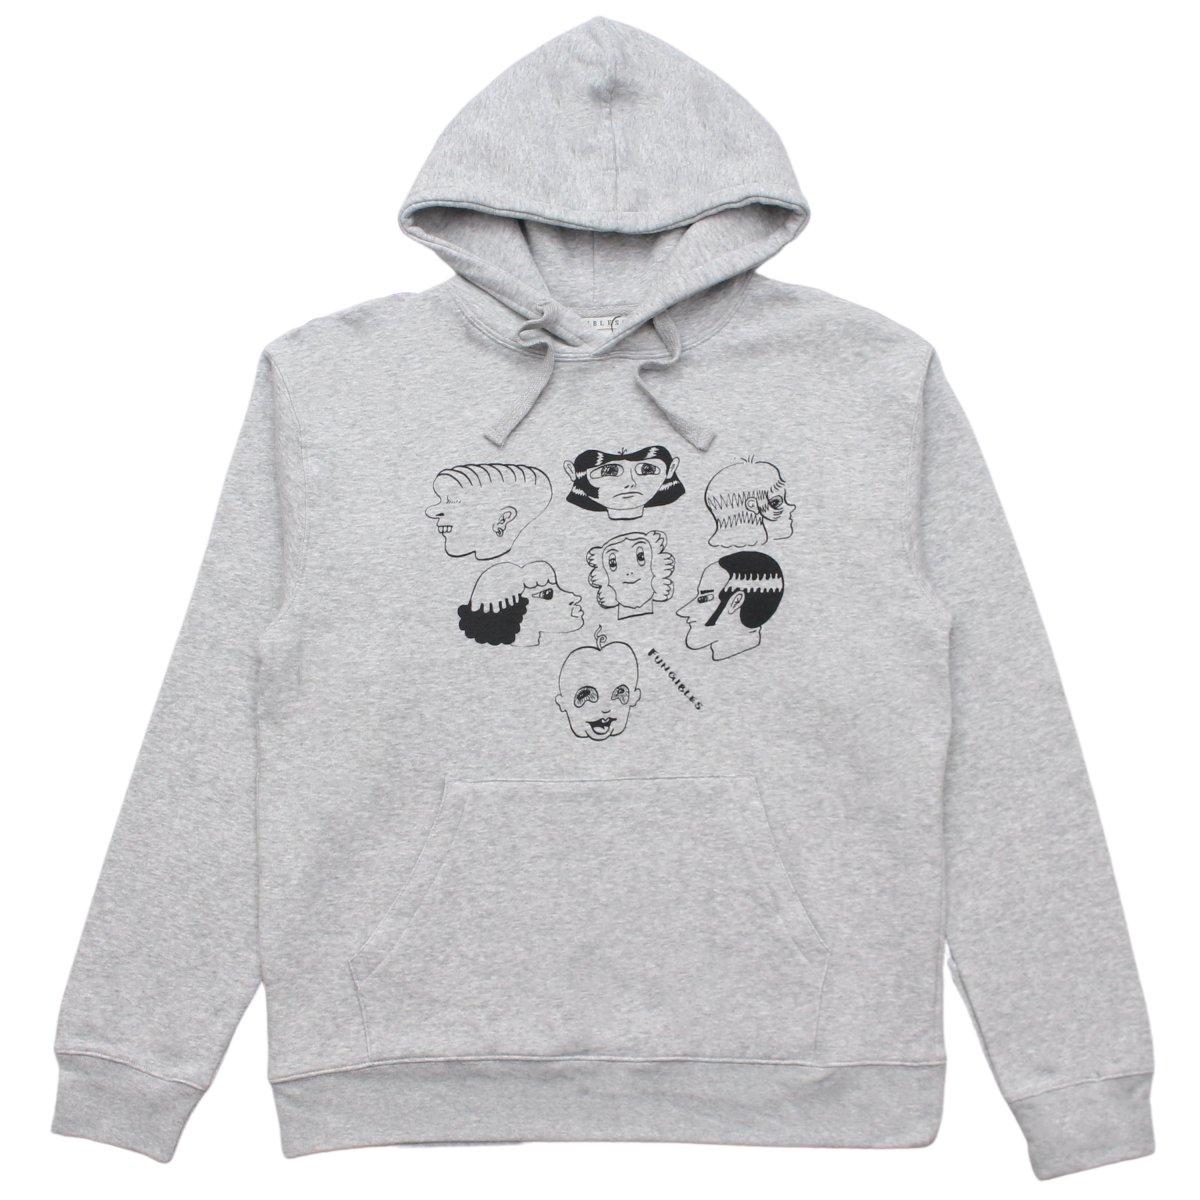 Faces hoodie